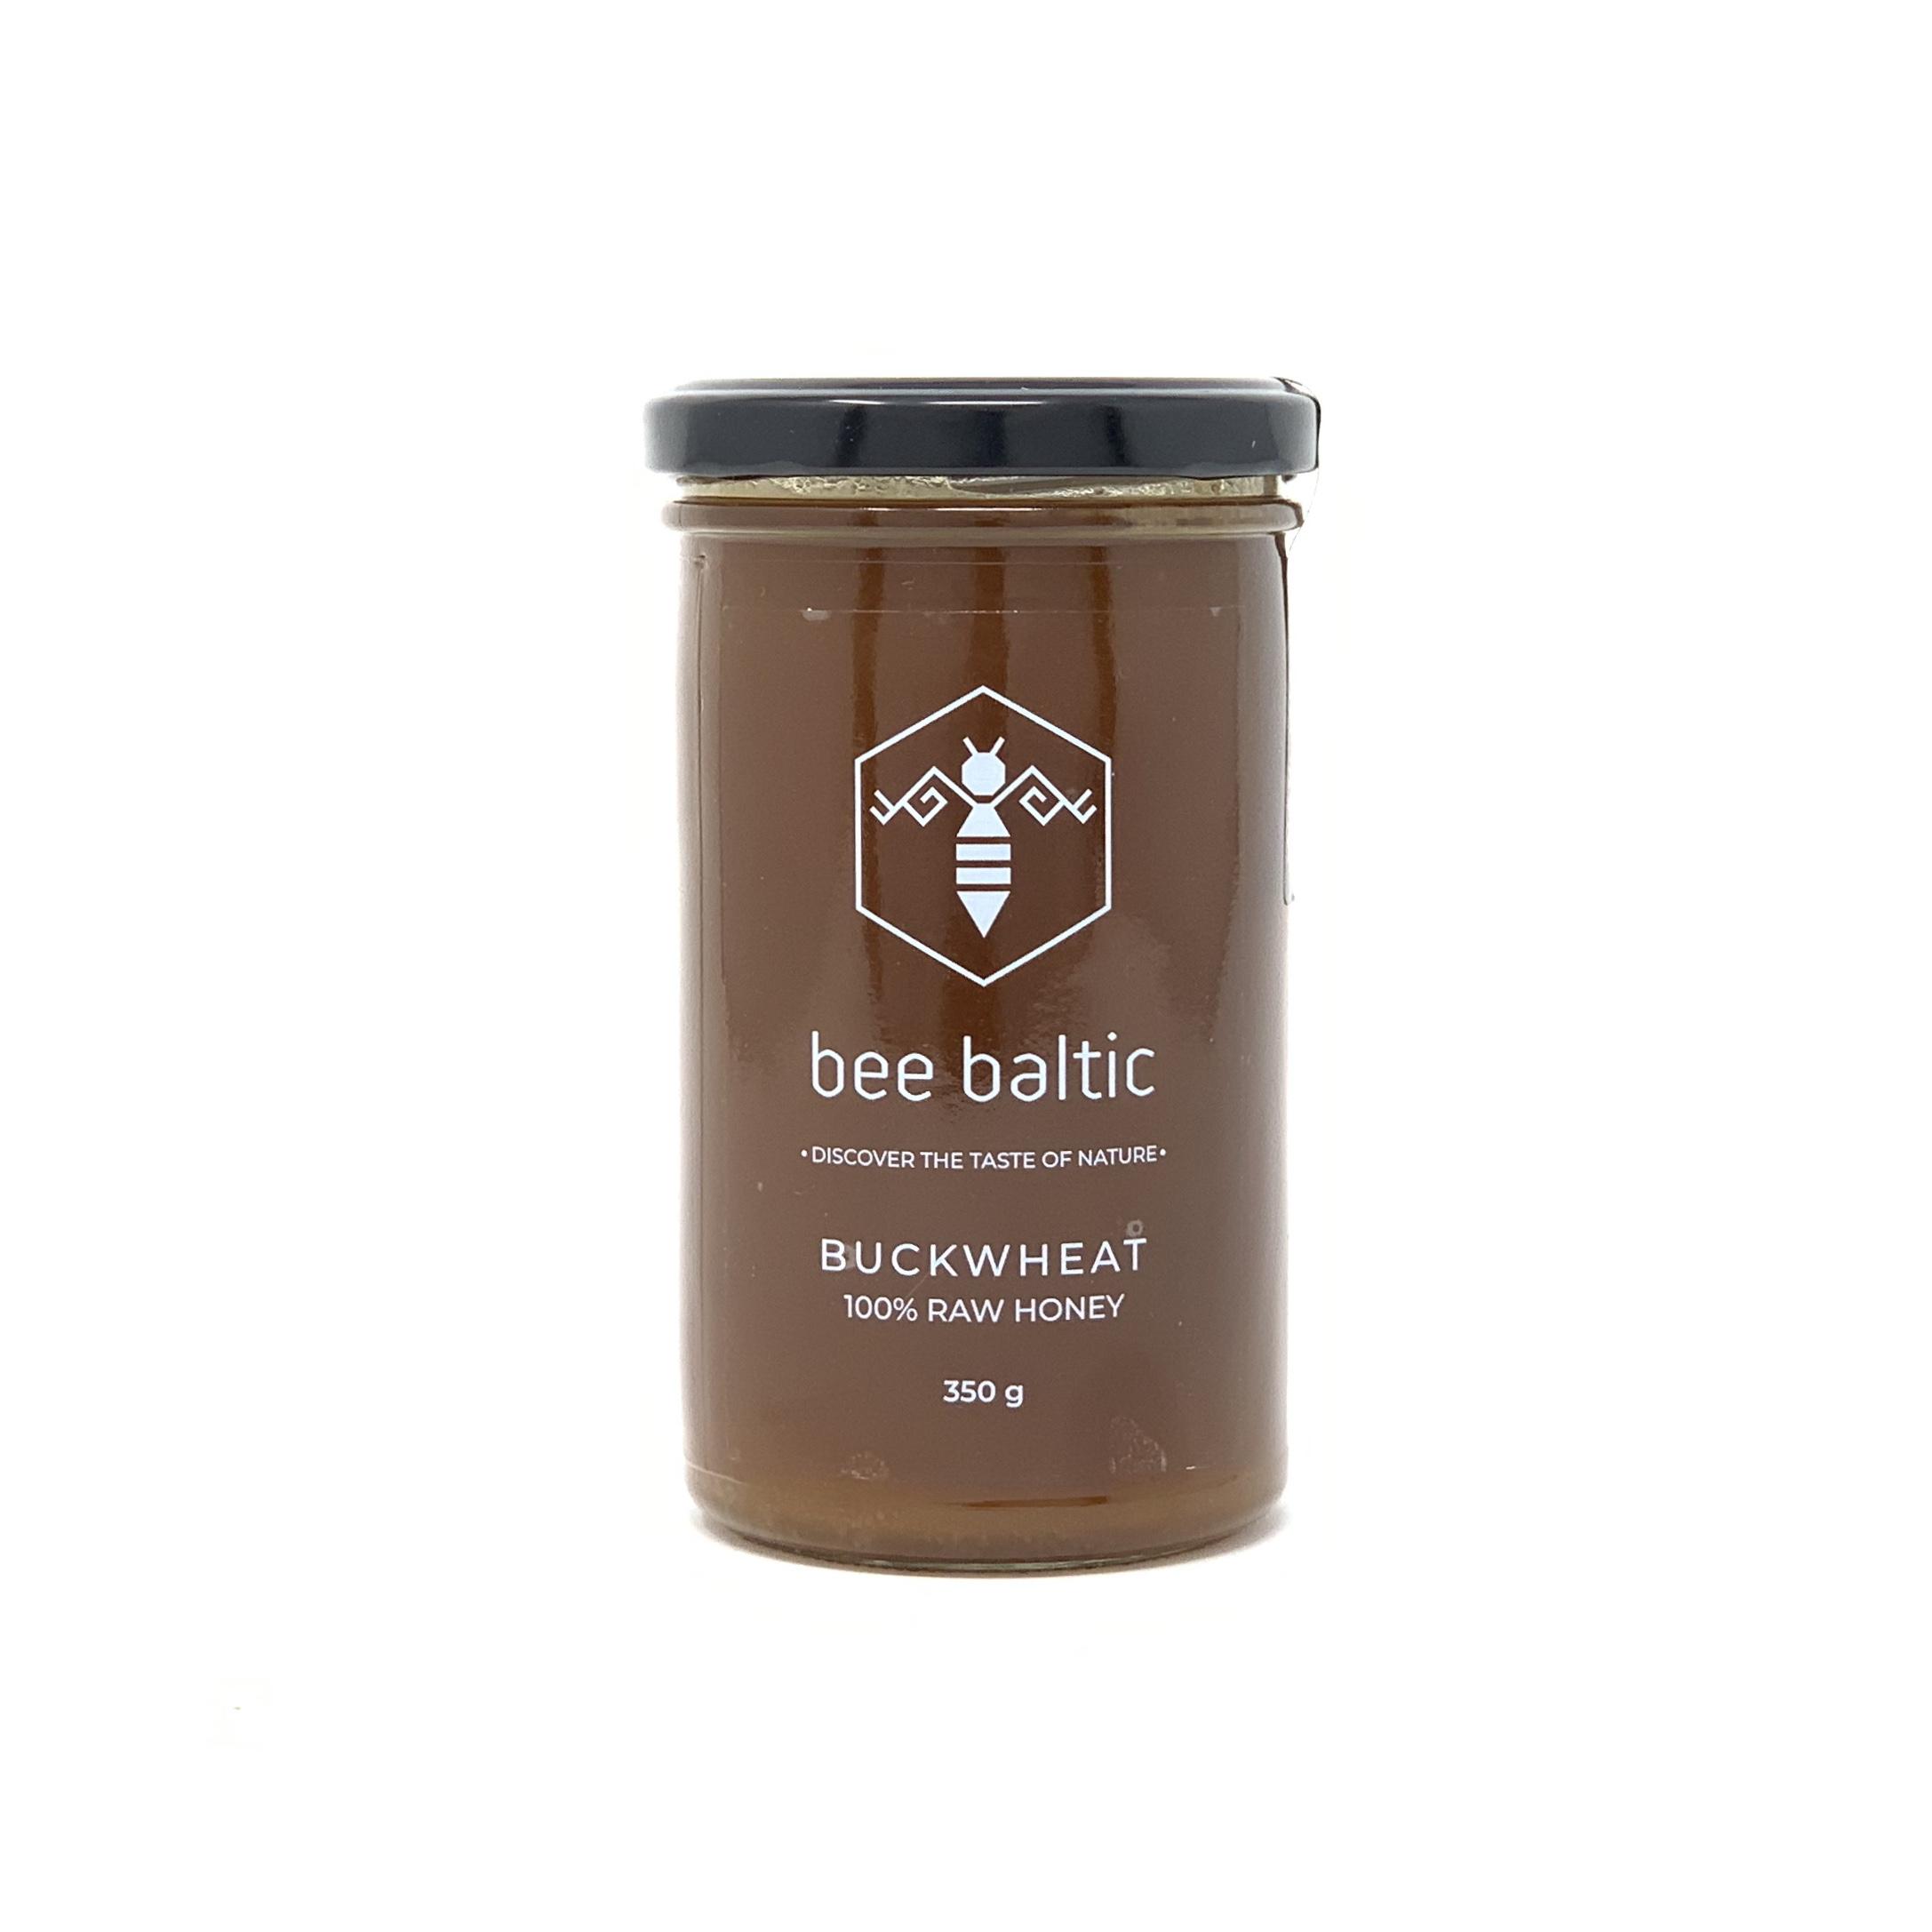 Bee Baltic - Buckwheat